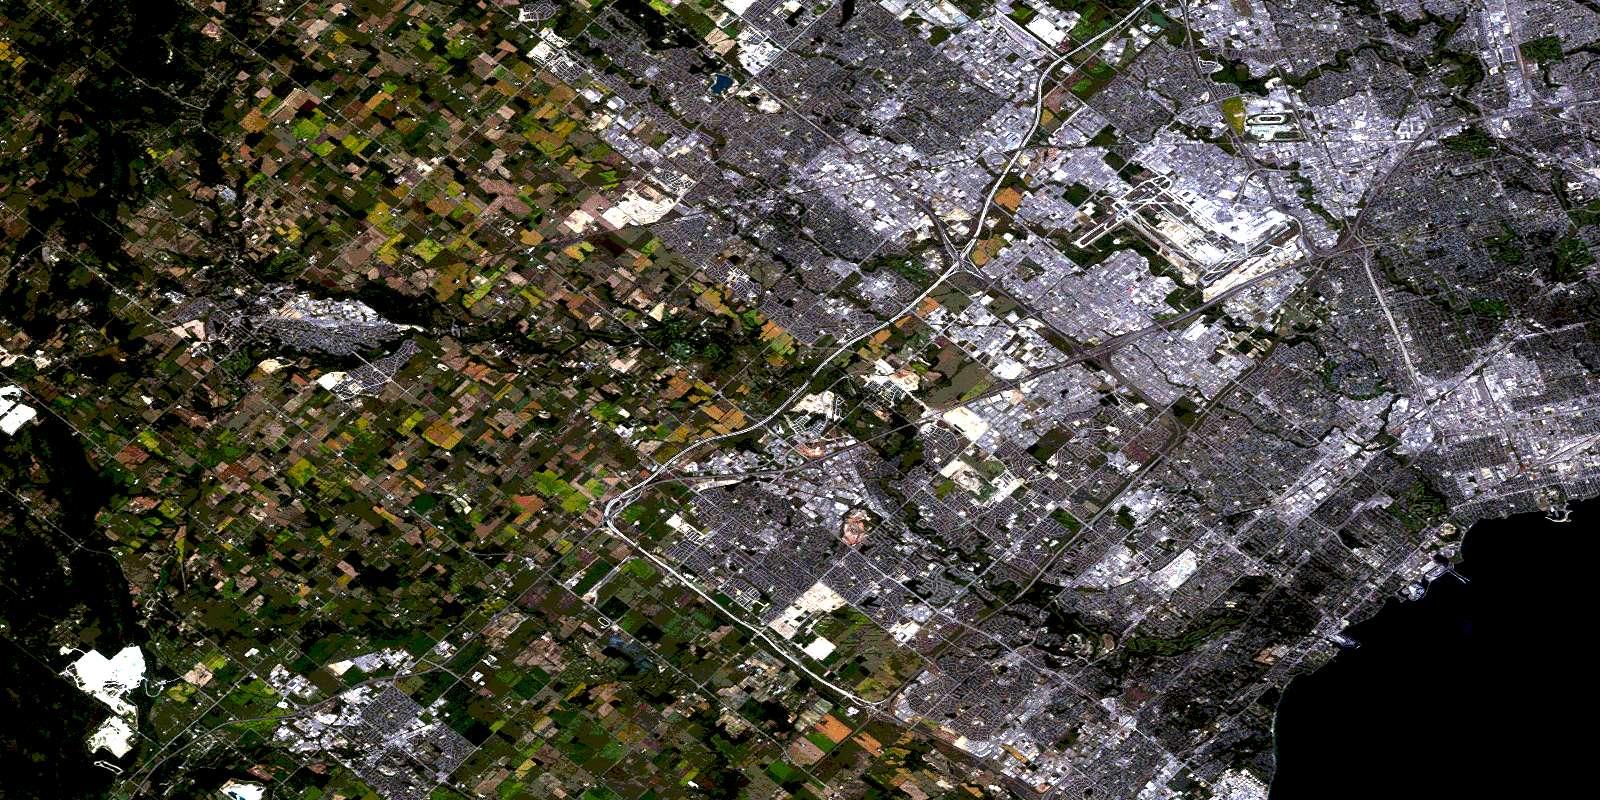 Brampton ON Free Satellite Image Map - 030M12 at 1:50,000